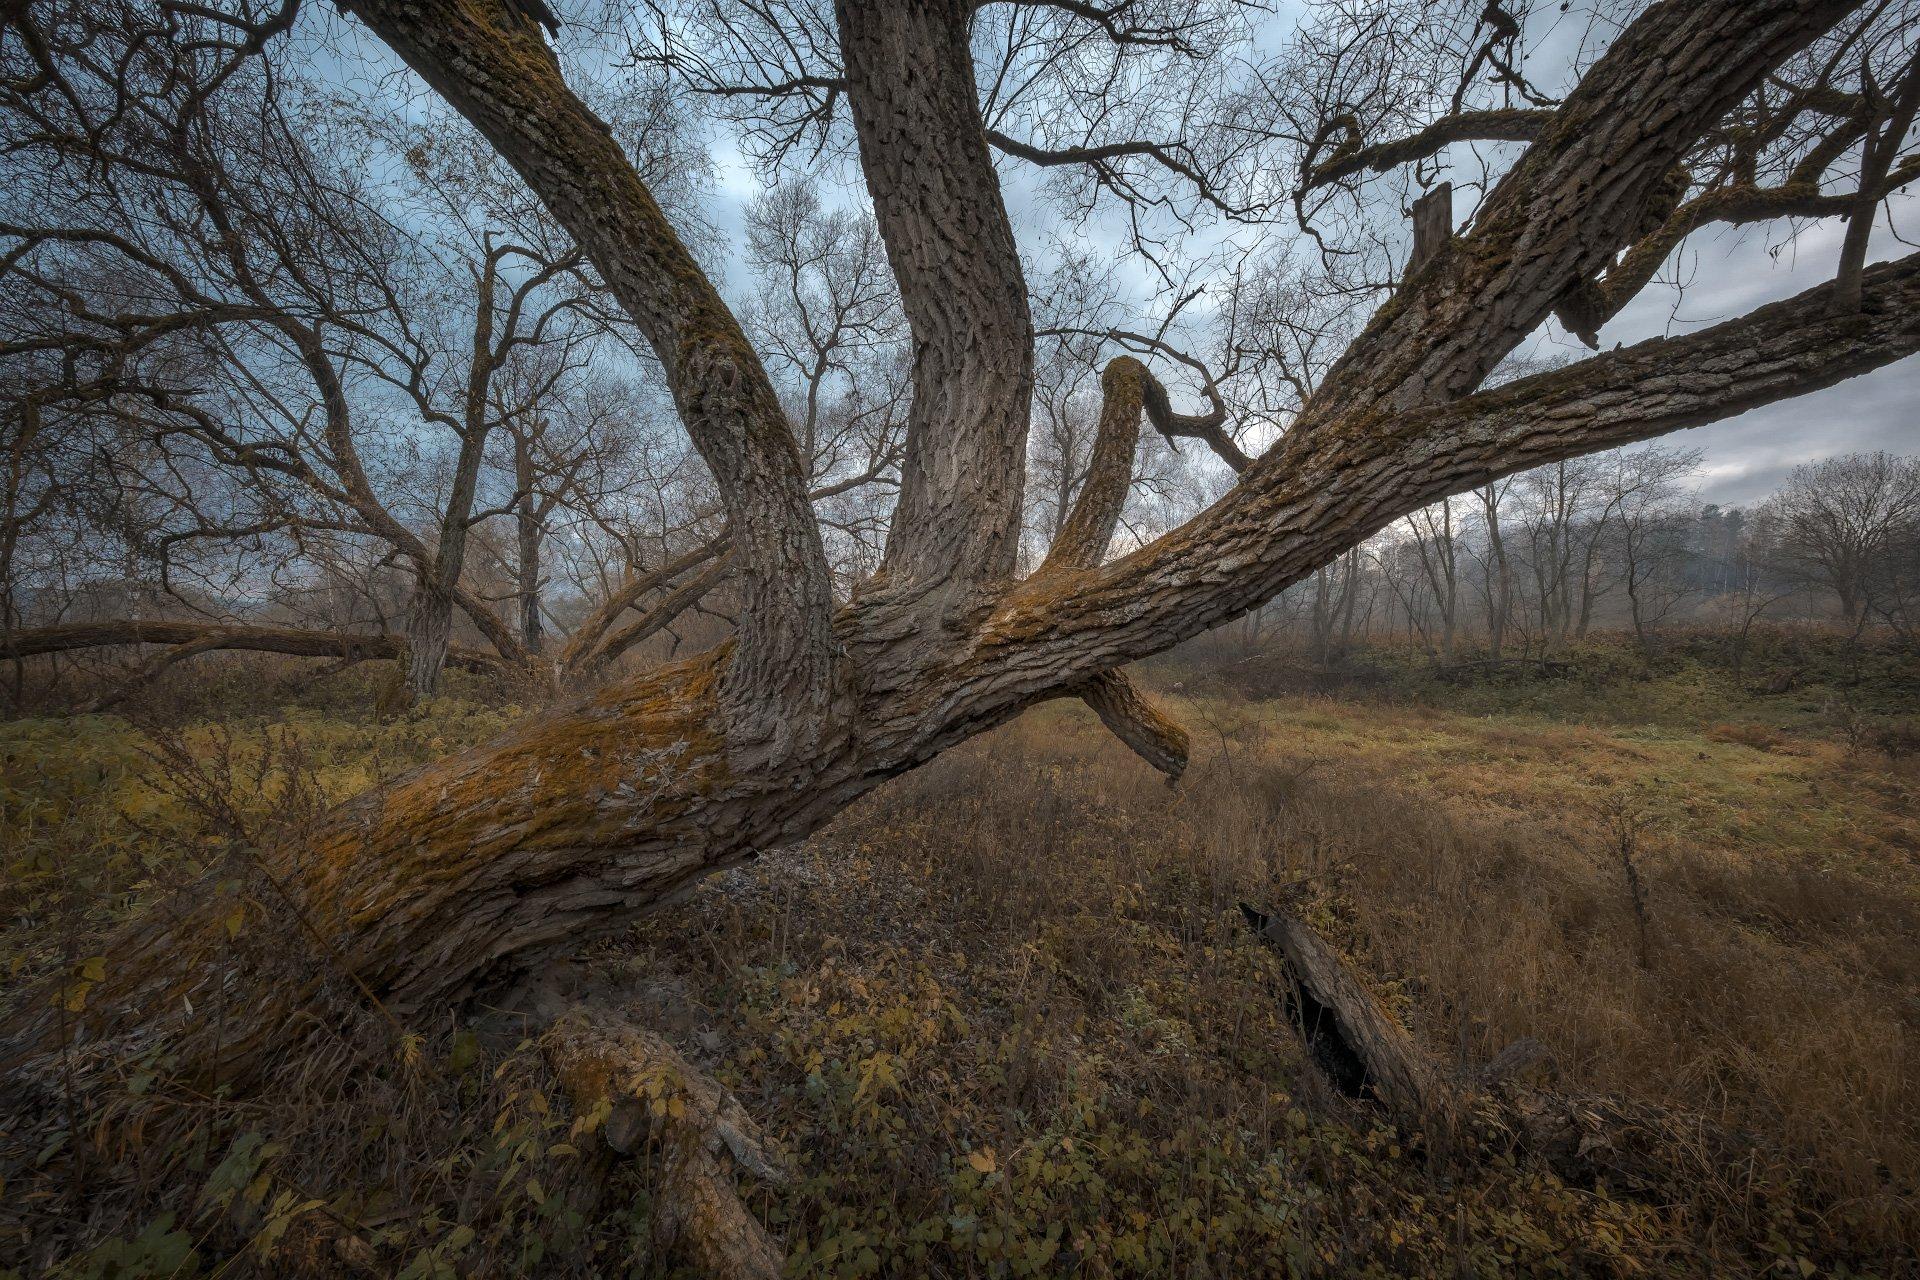 истра, река, деревья, старые, осень, октябрь, туман, холод, Андрей Чиж